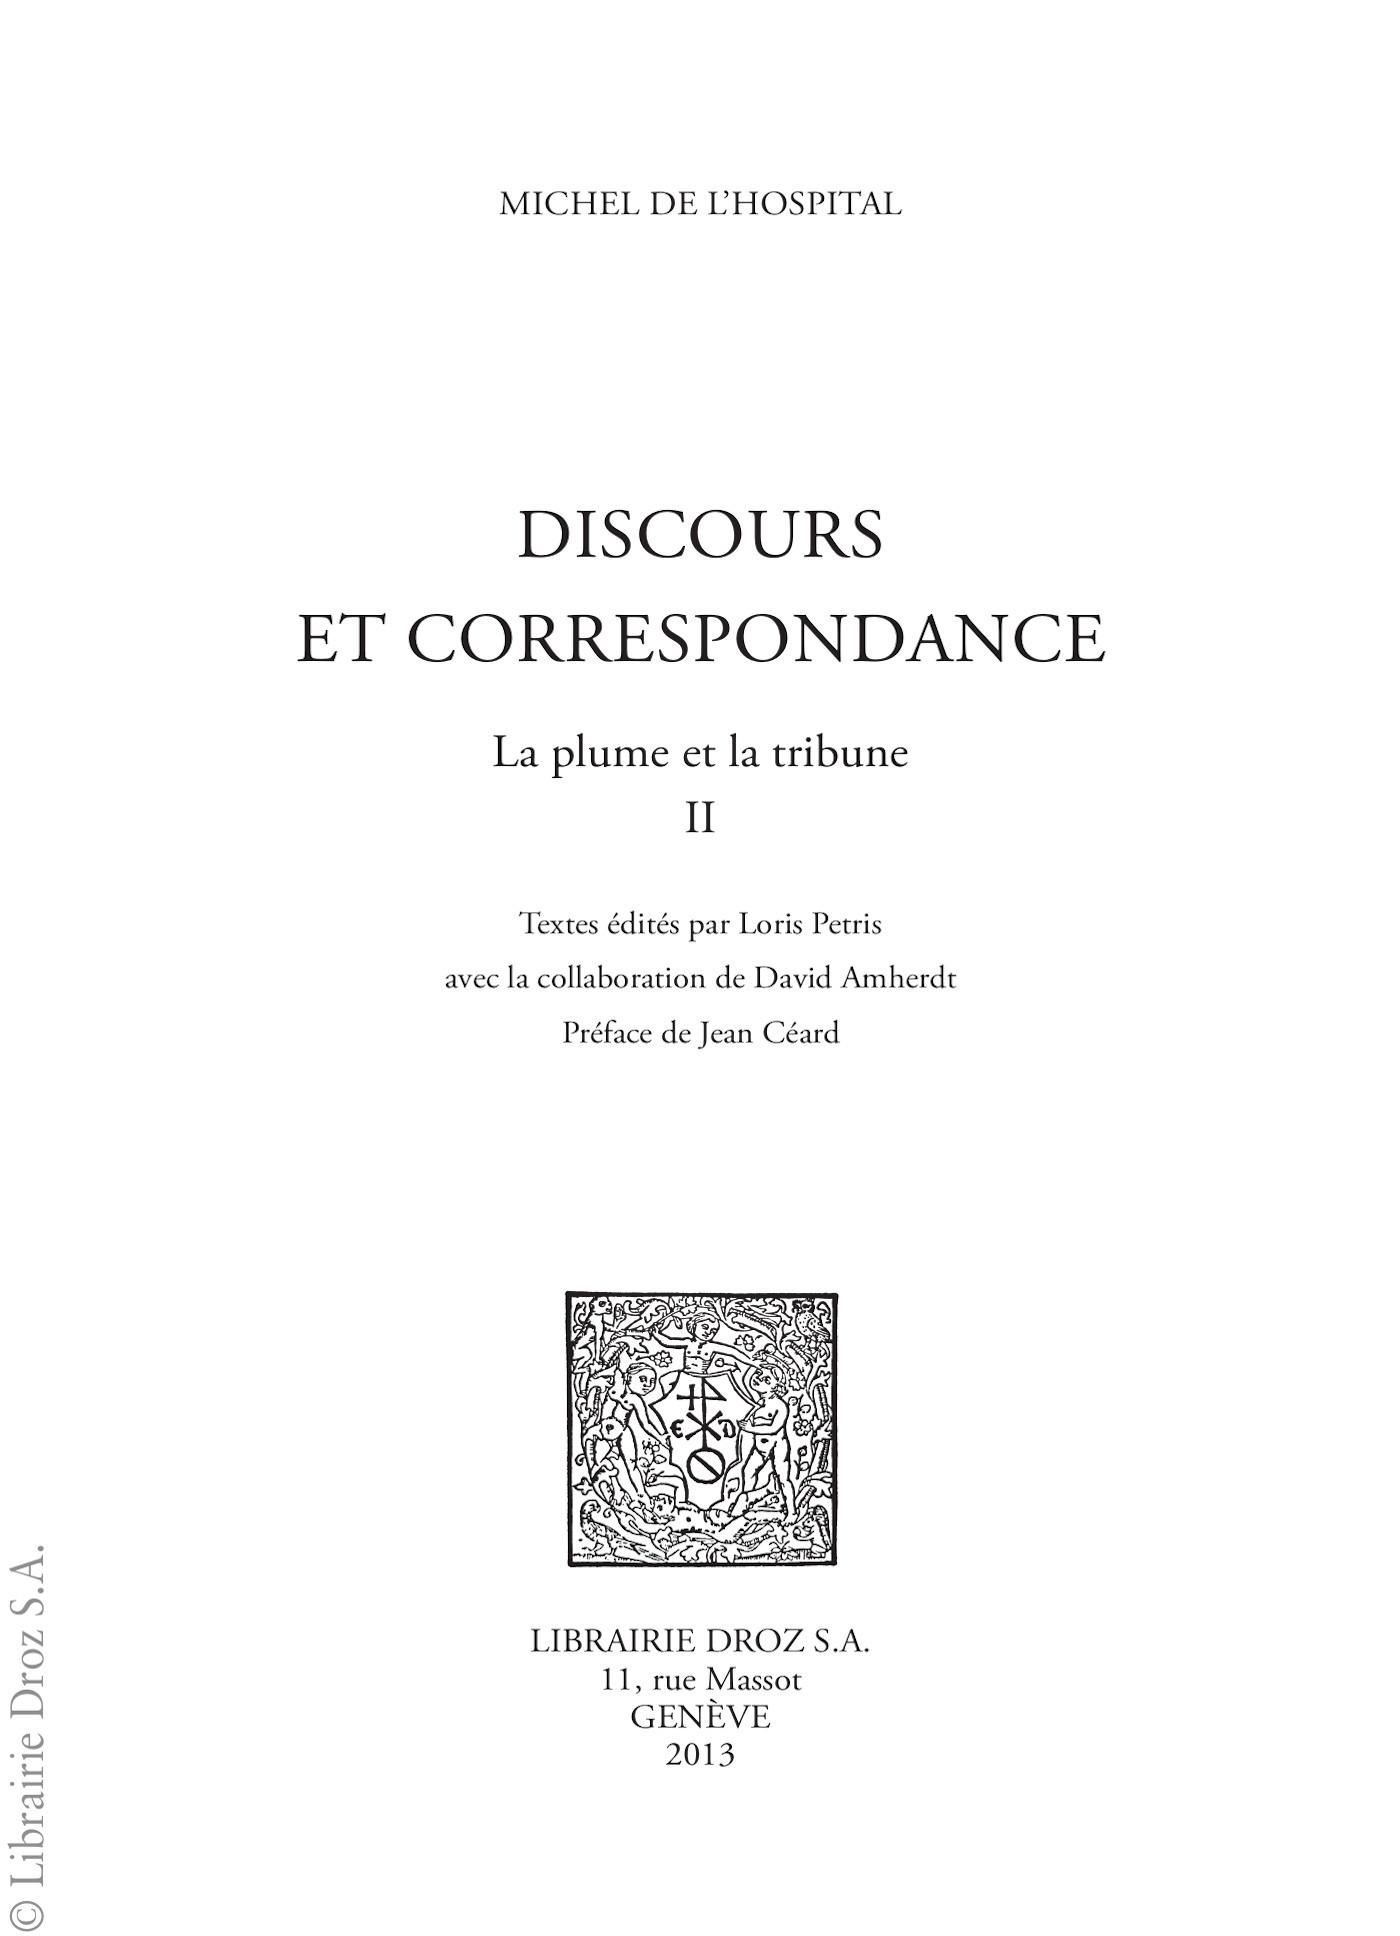 Discours et correspondance ; la plume et la tribune t.2